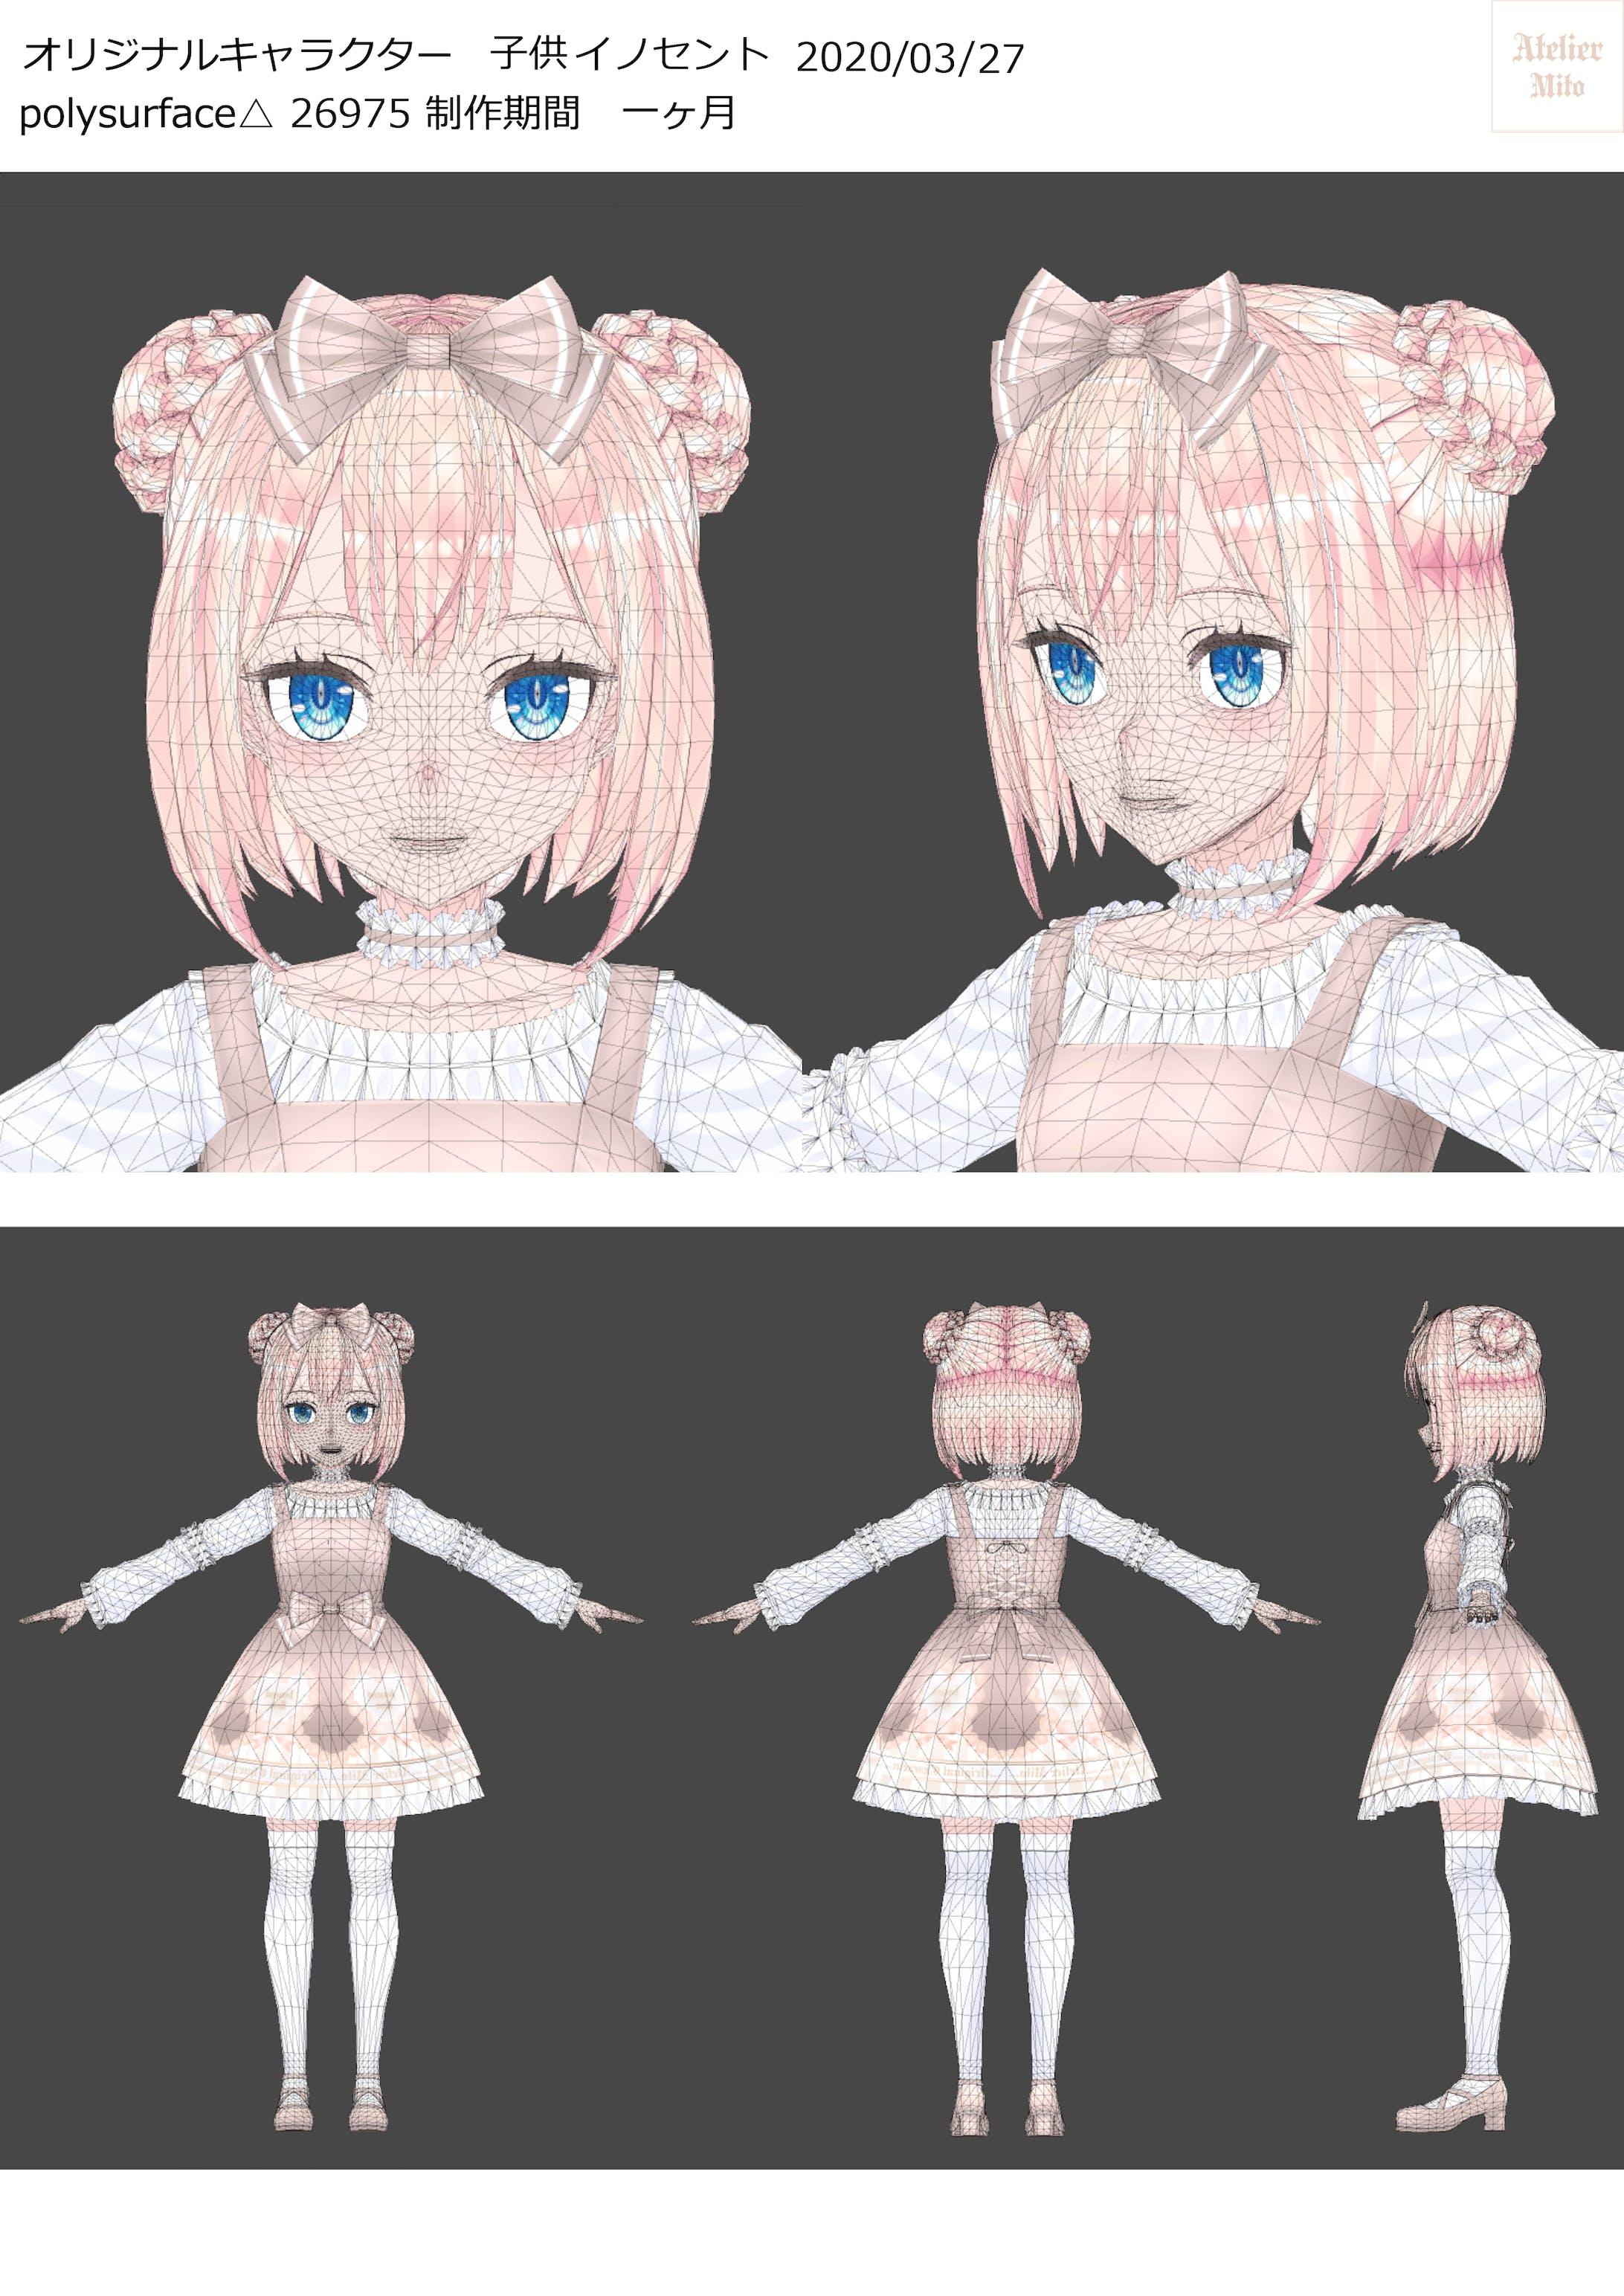 3Dキャラクター「子供イノセント」-2